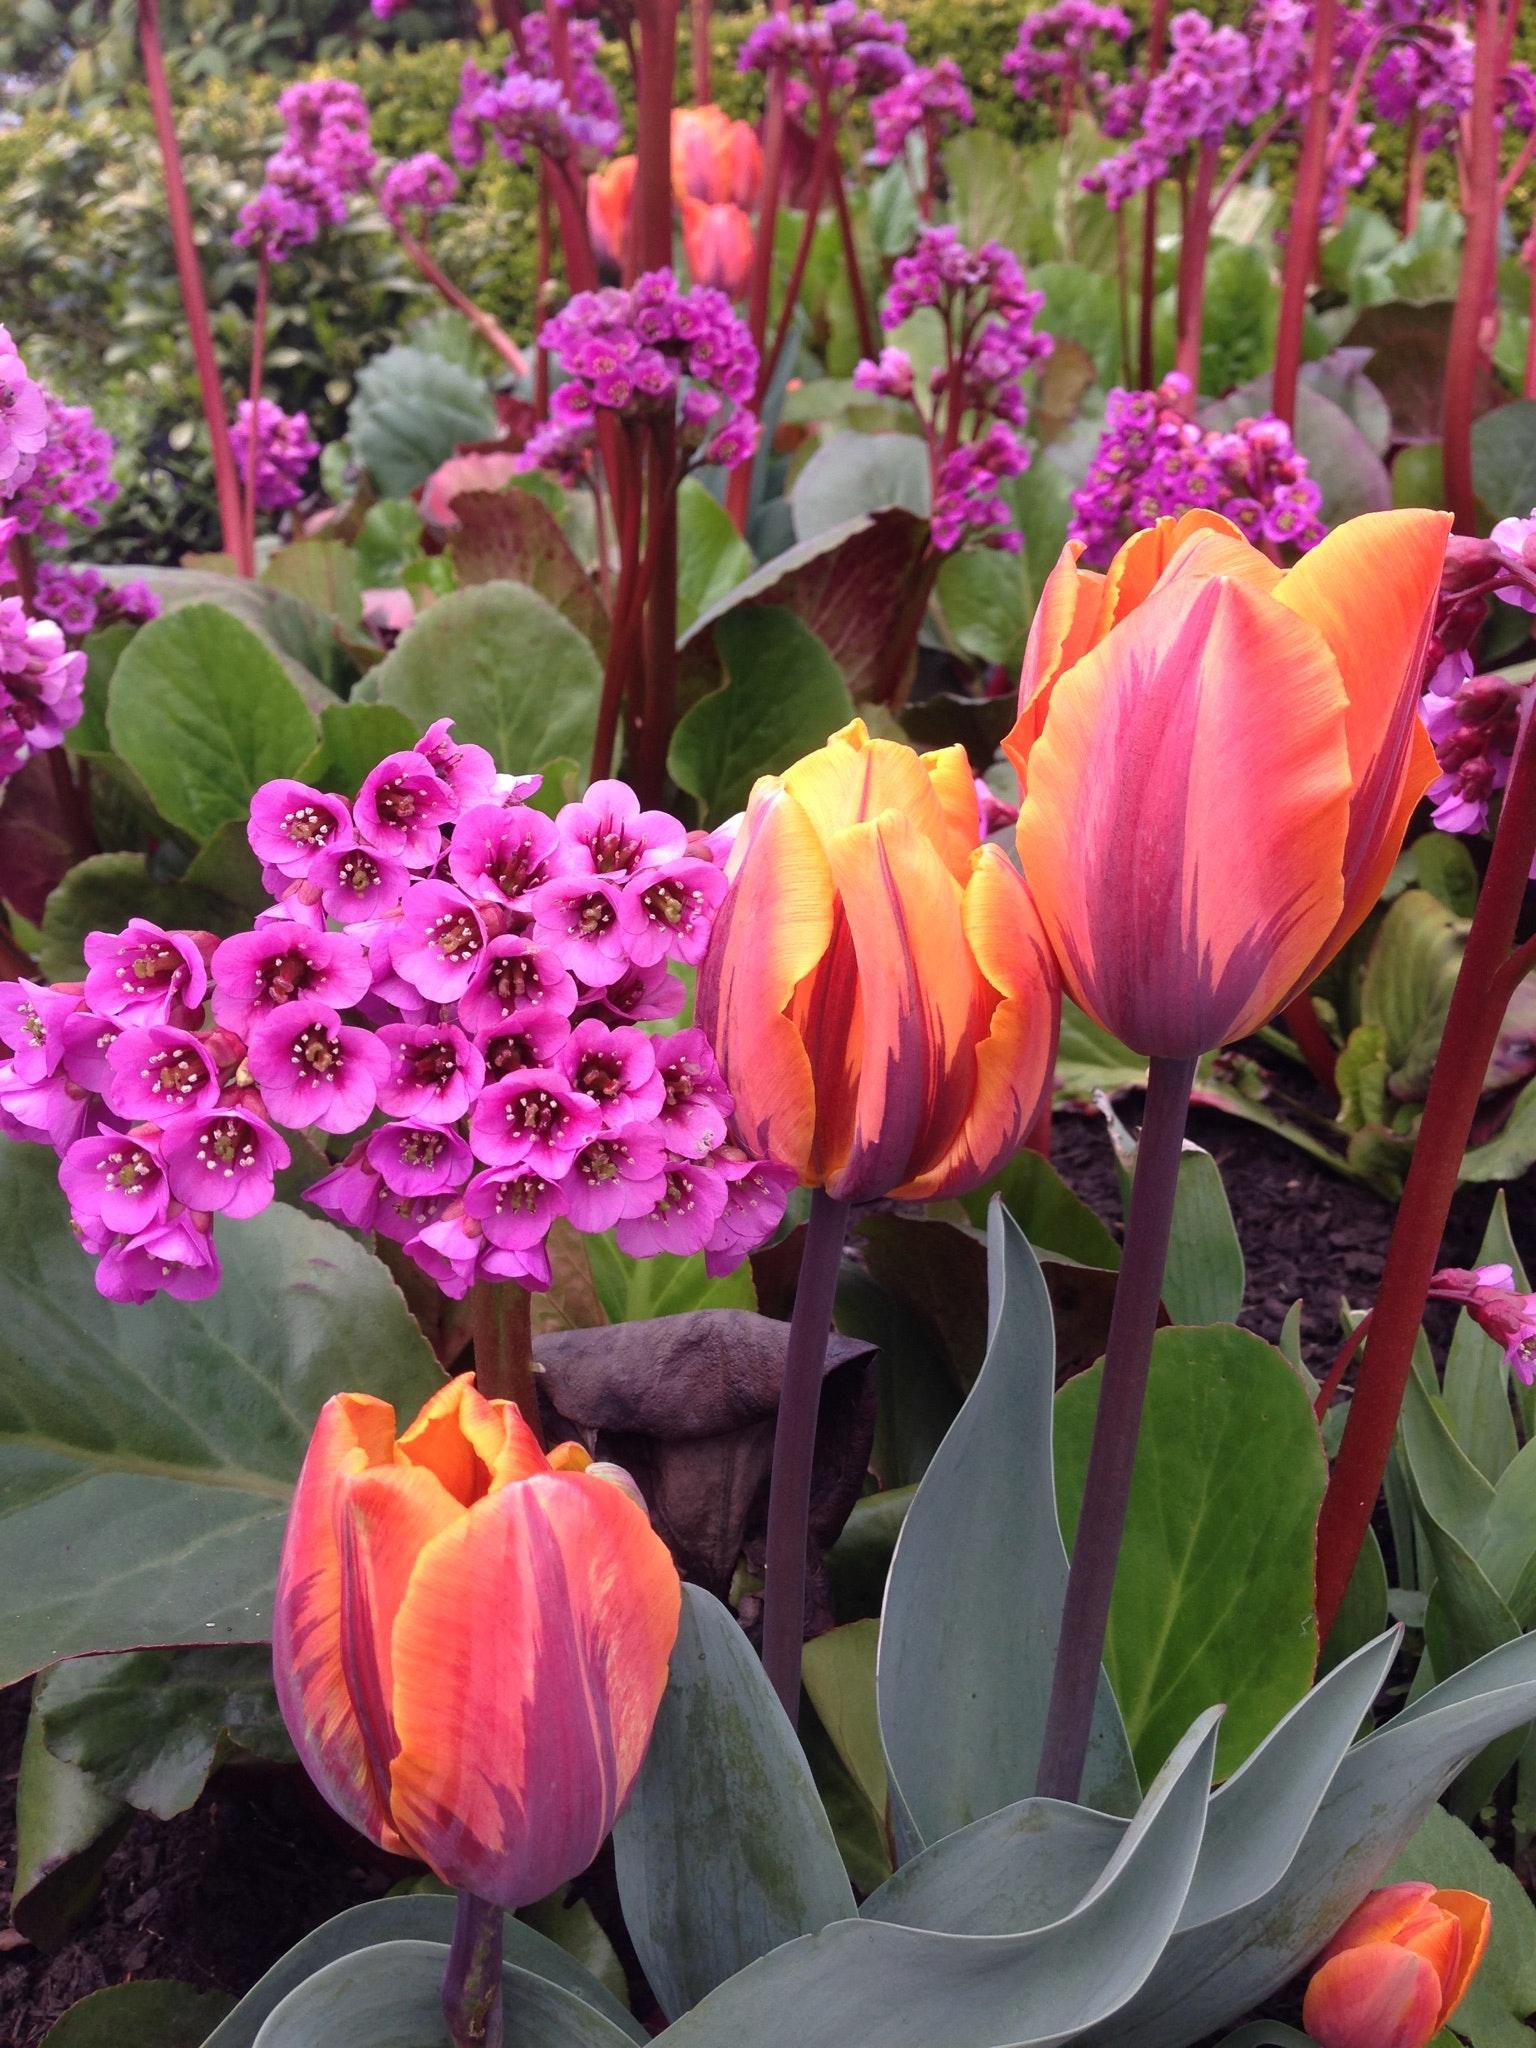 Kostenloses Foto zum Thema: frühling, frühlingsblumen, helle farben